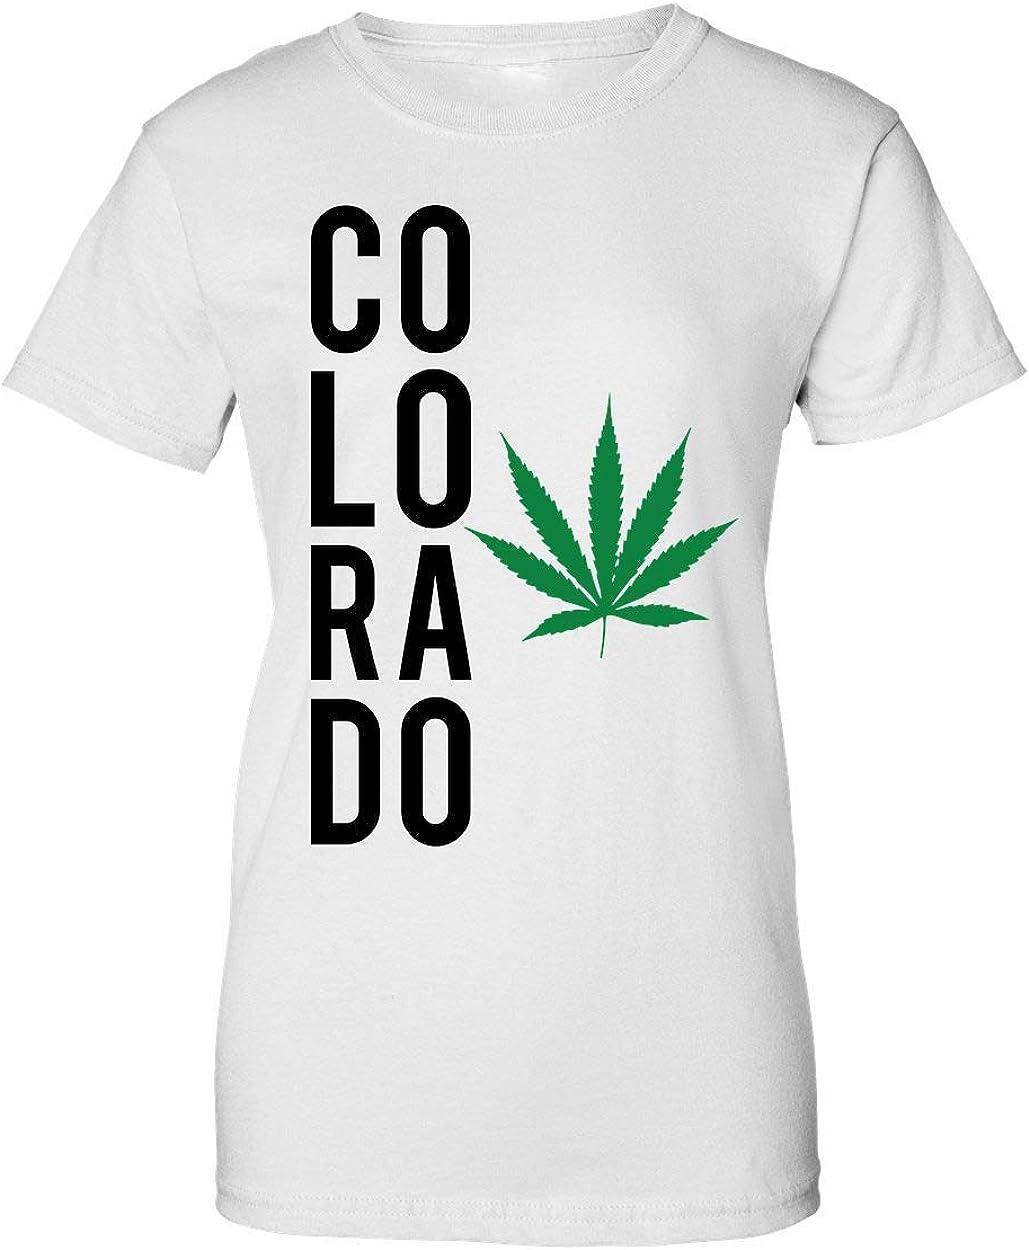 Brenos Design Colorado Flag Marijuana State Cannabis Weed Leaf 420 Camiseta de Mujer: Amazon.es: Ropa y accesorios